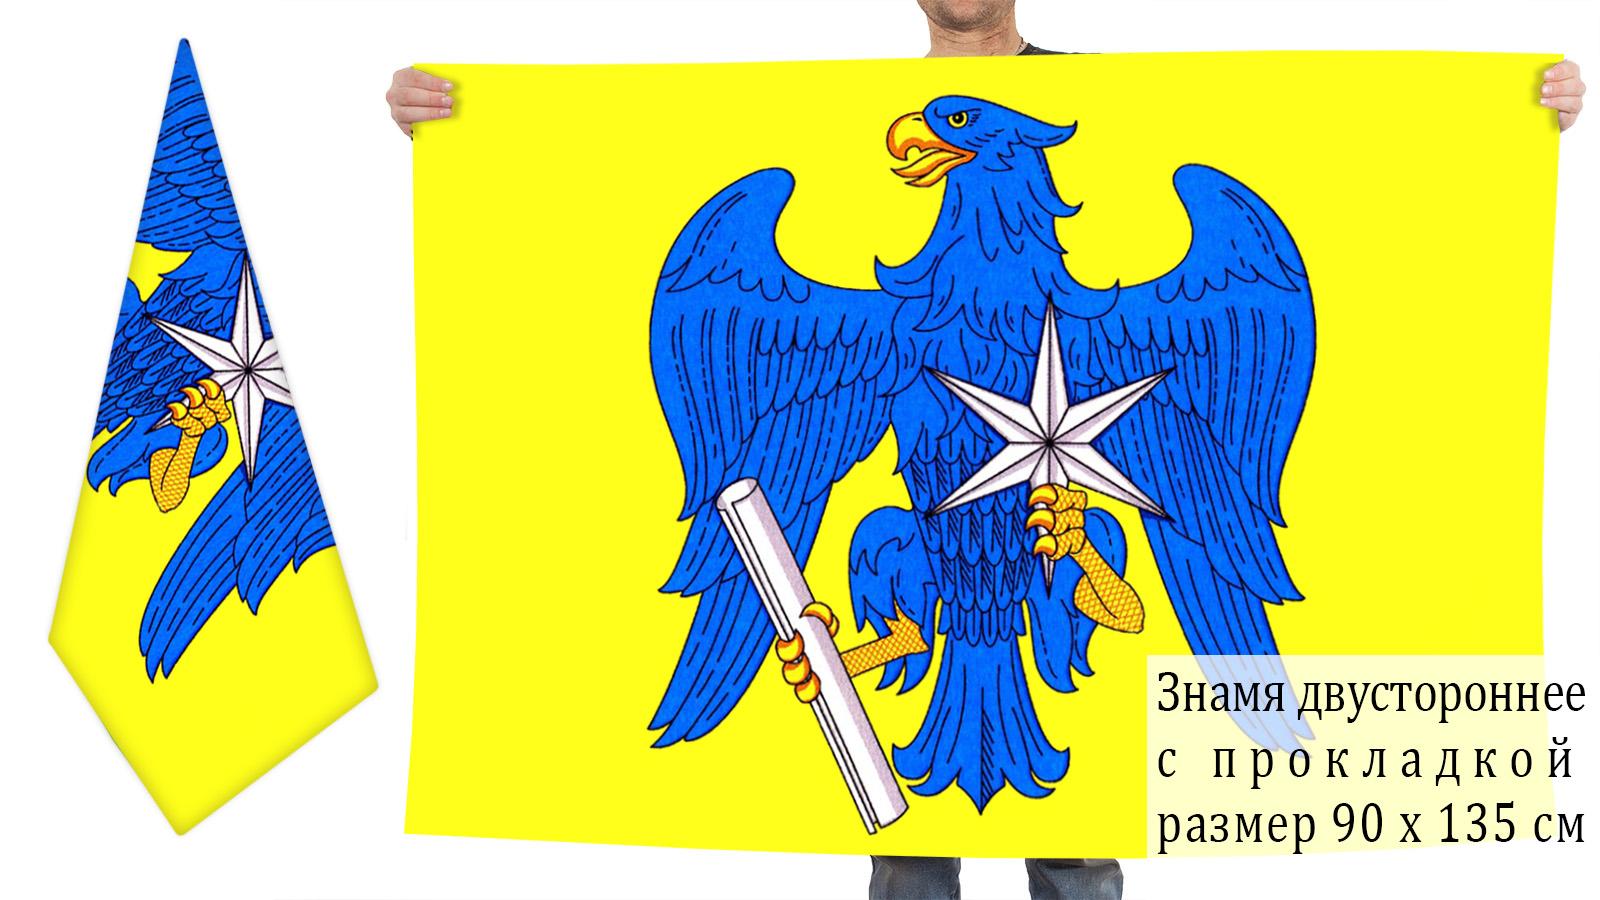 Двусторонний флаг Ярополецкого